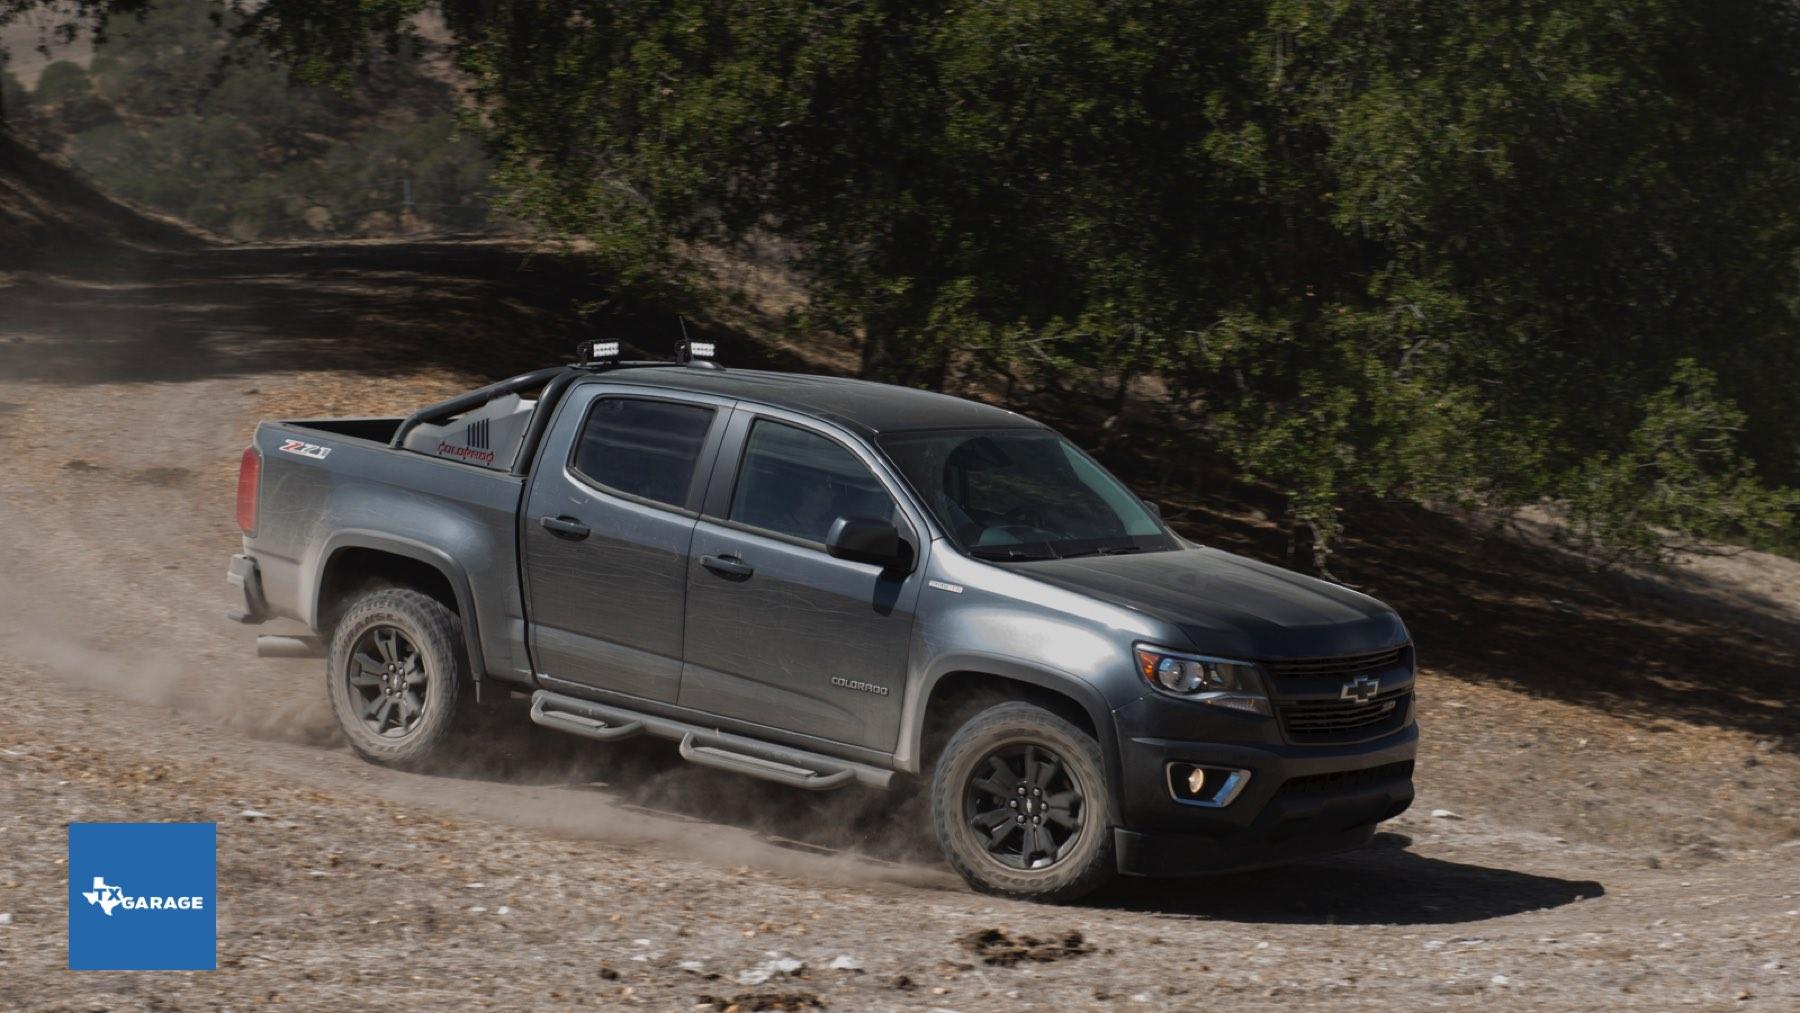 Chevrolet-Colorado-02-txGarage